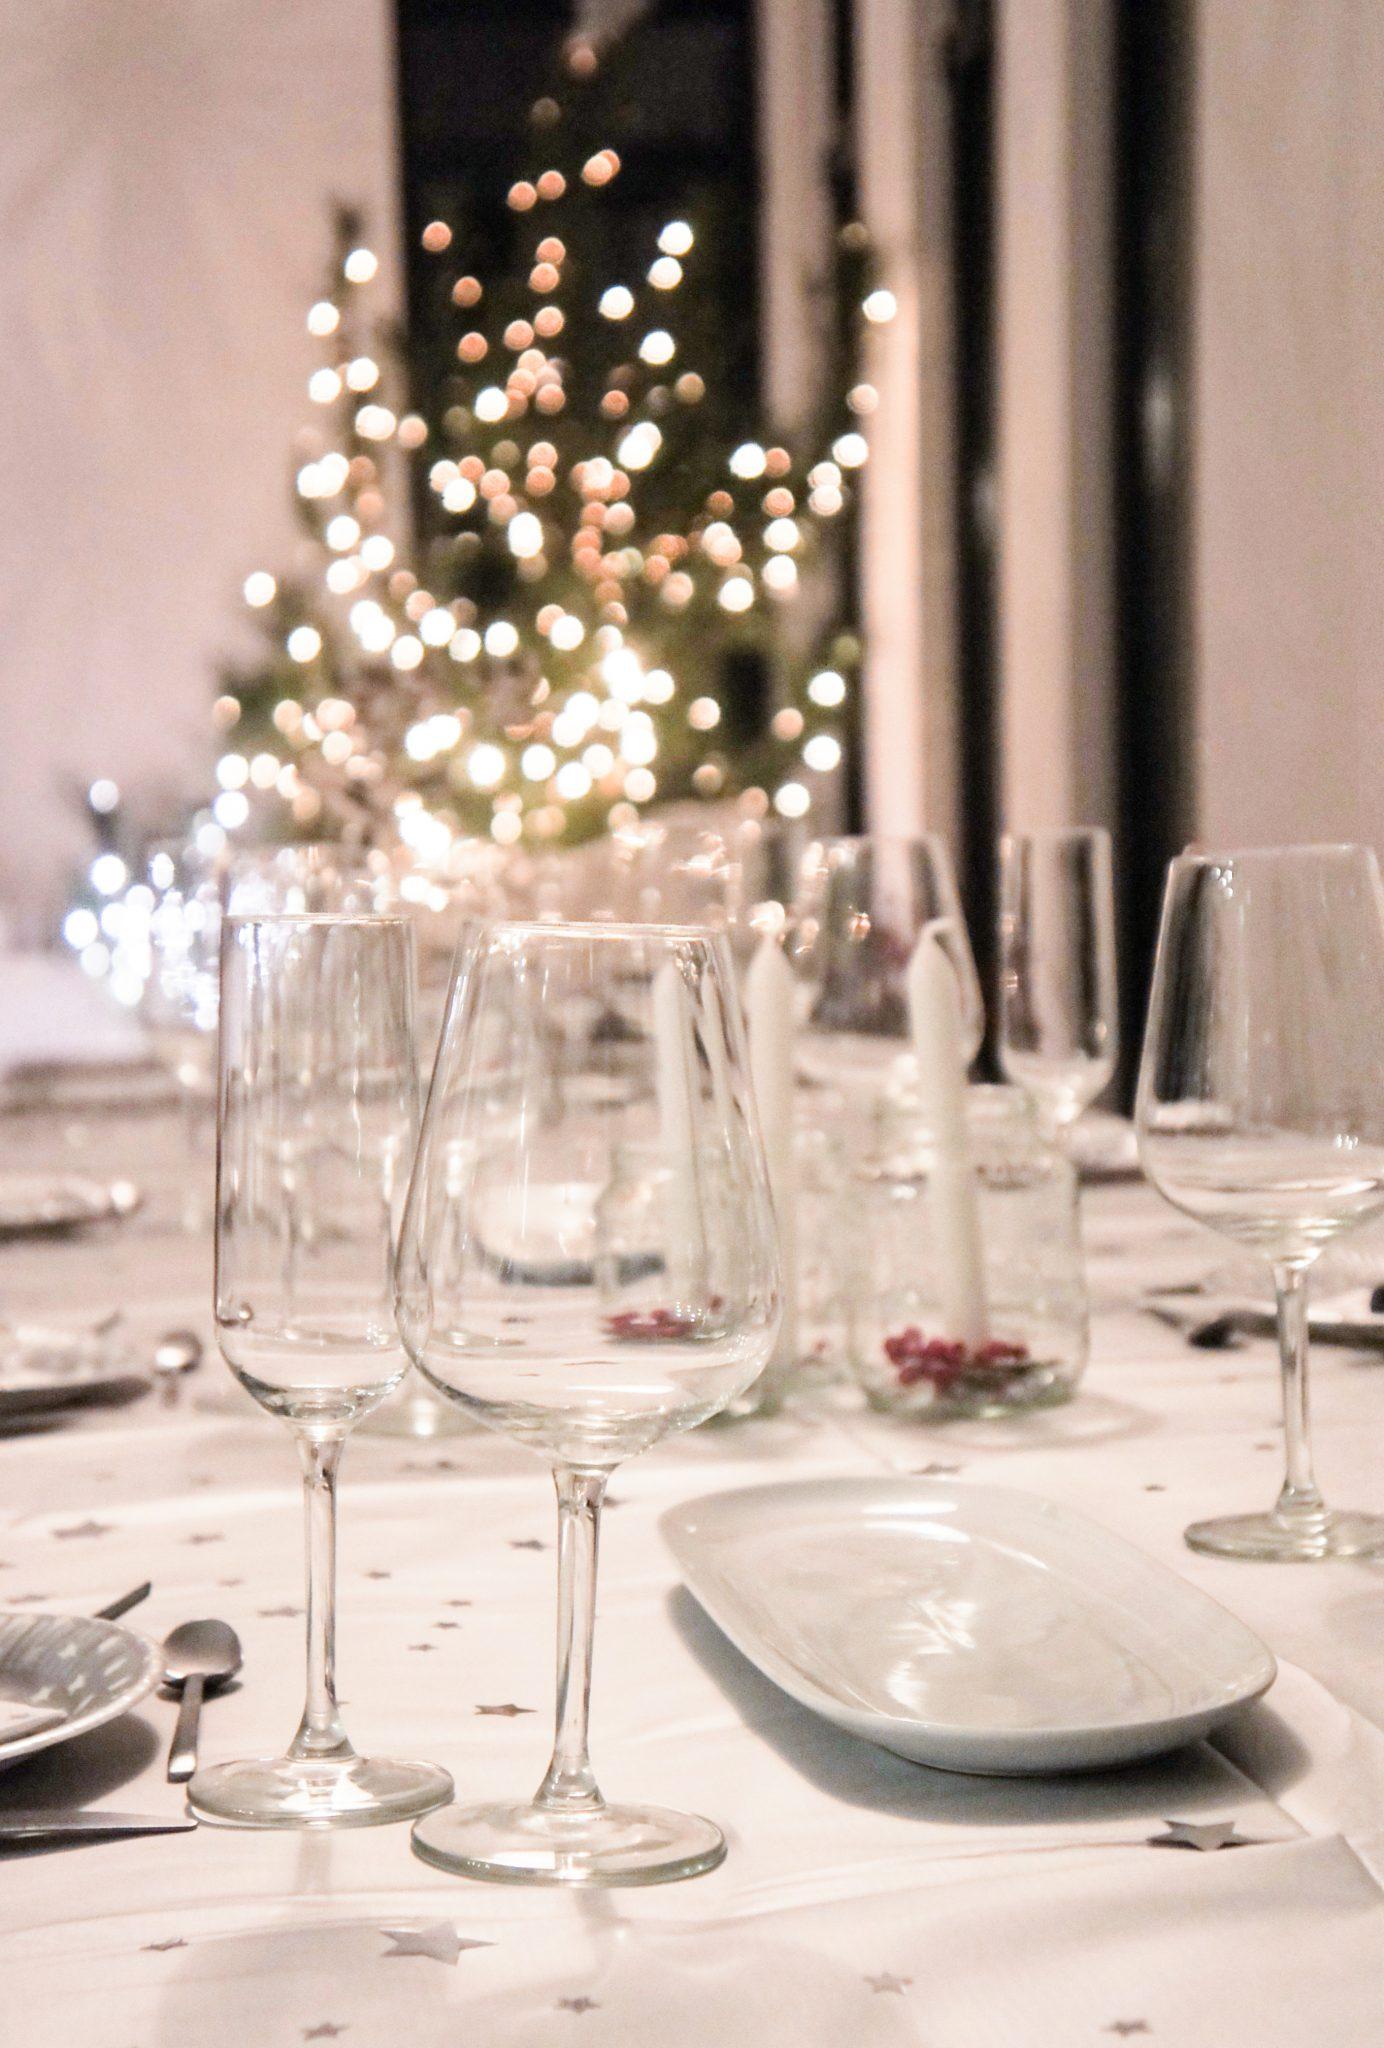 kerst glazen potjes diner